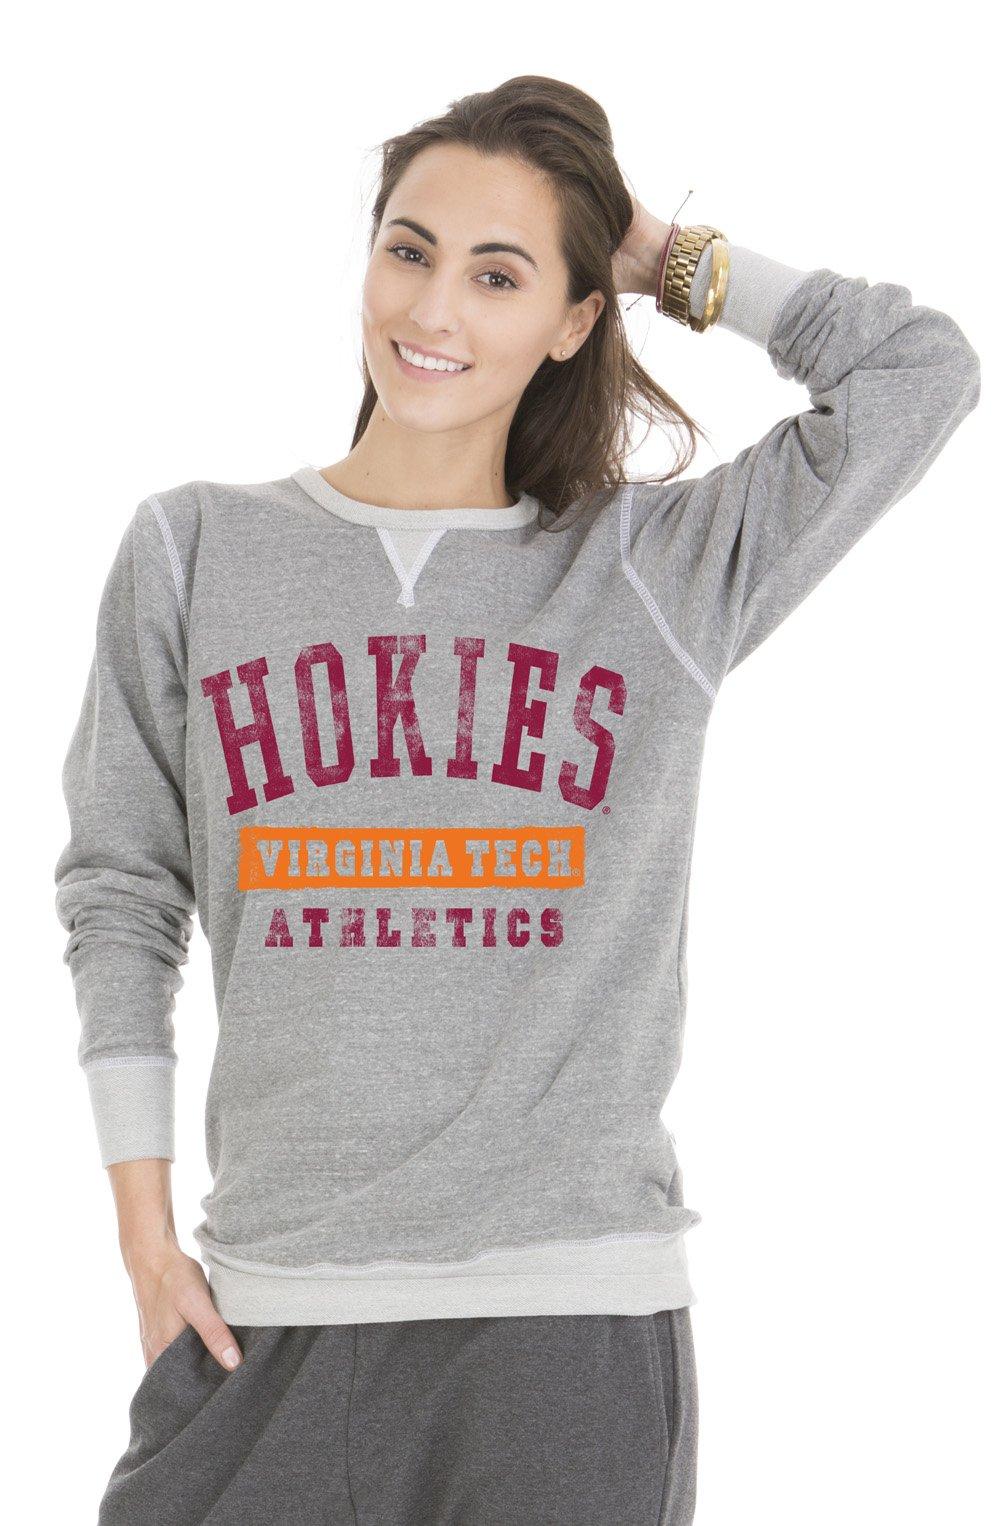 RYLVAT07 Mens Long Sleeve Jersey Henley Official NCAA Virginia Tech Hokies